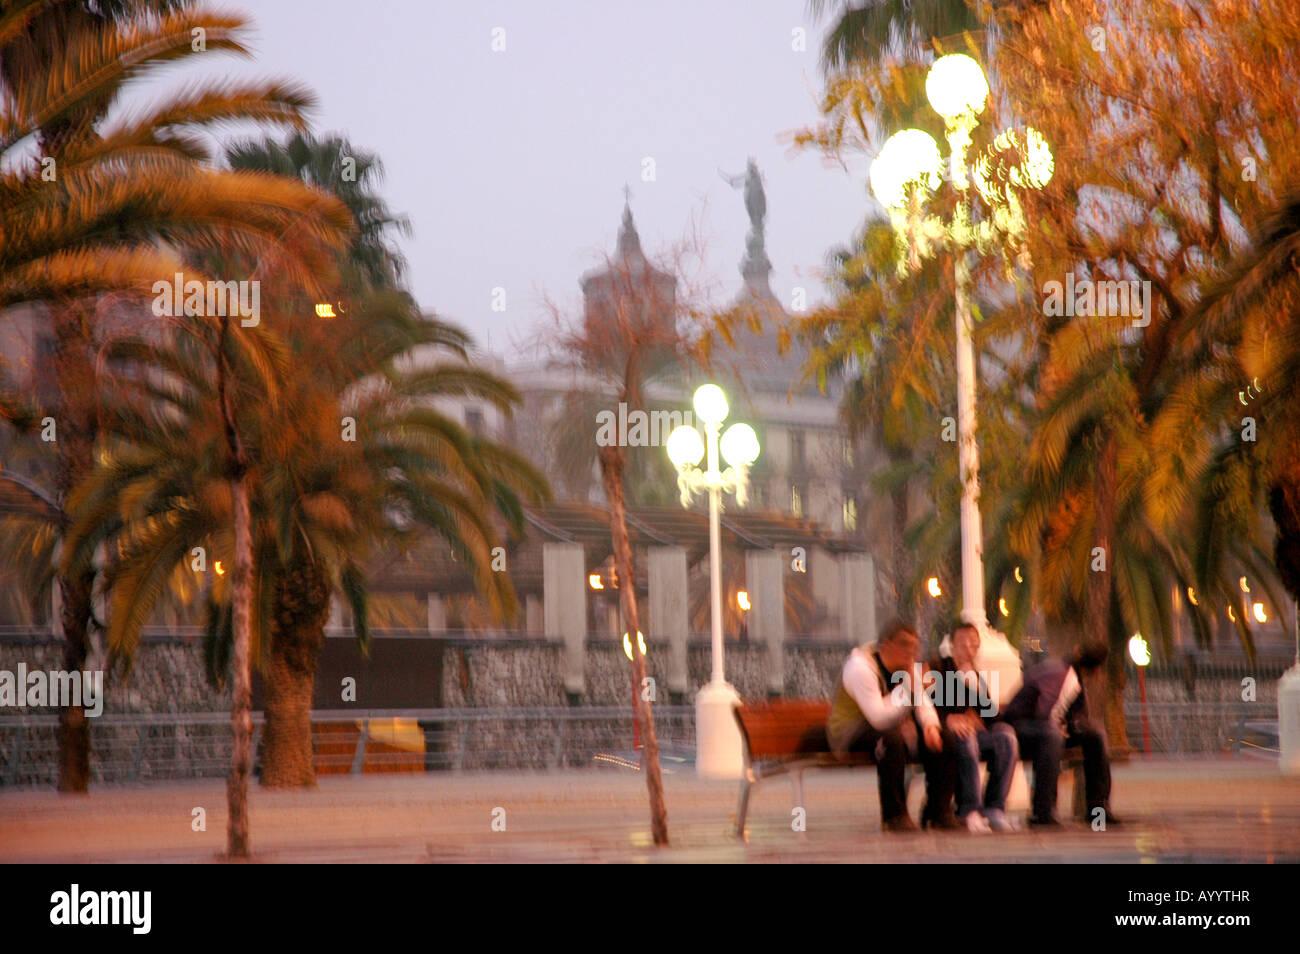 Barcelone en soirée Abends lumière tungstène Kunstlicht ville urbain ville Stadt ville ville port Photo Stock